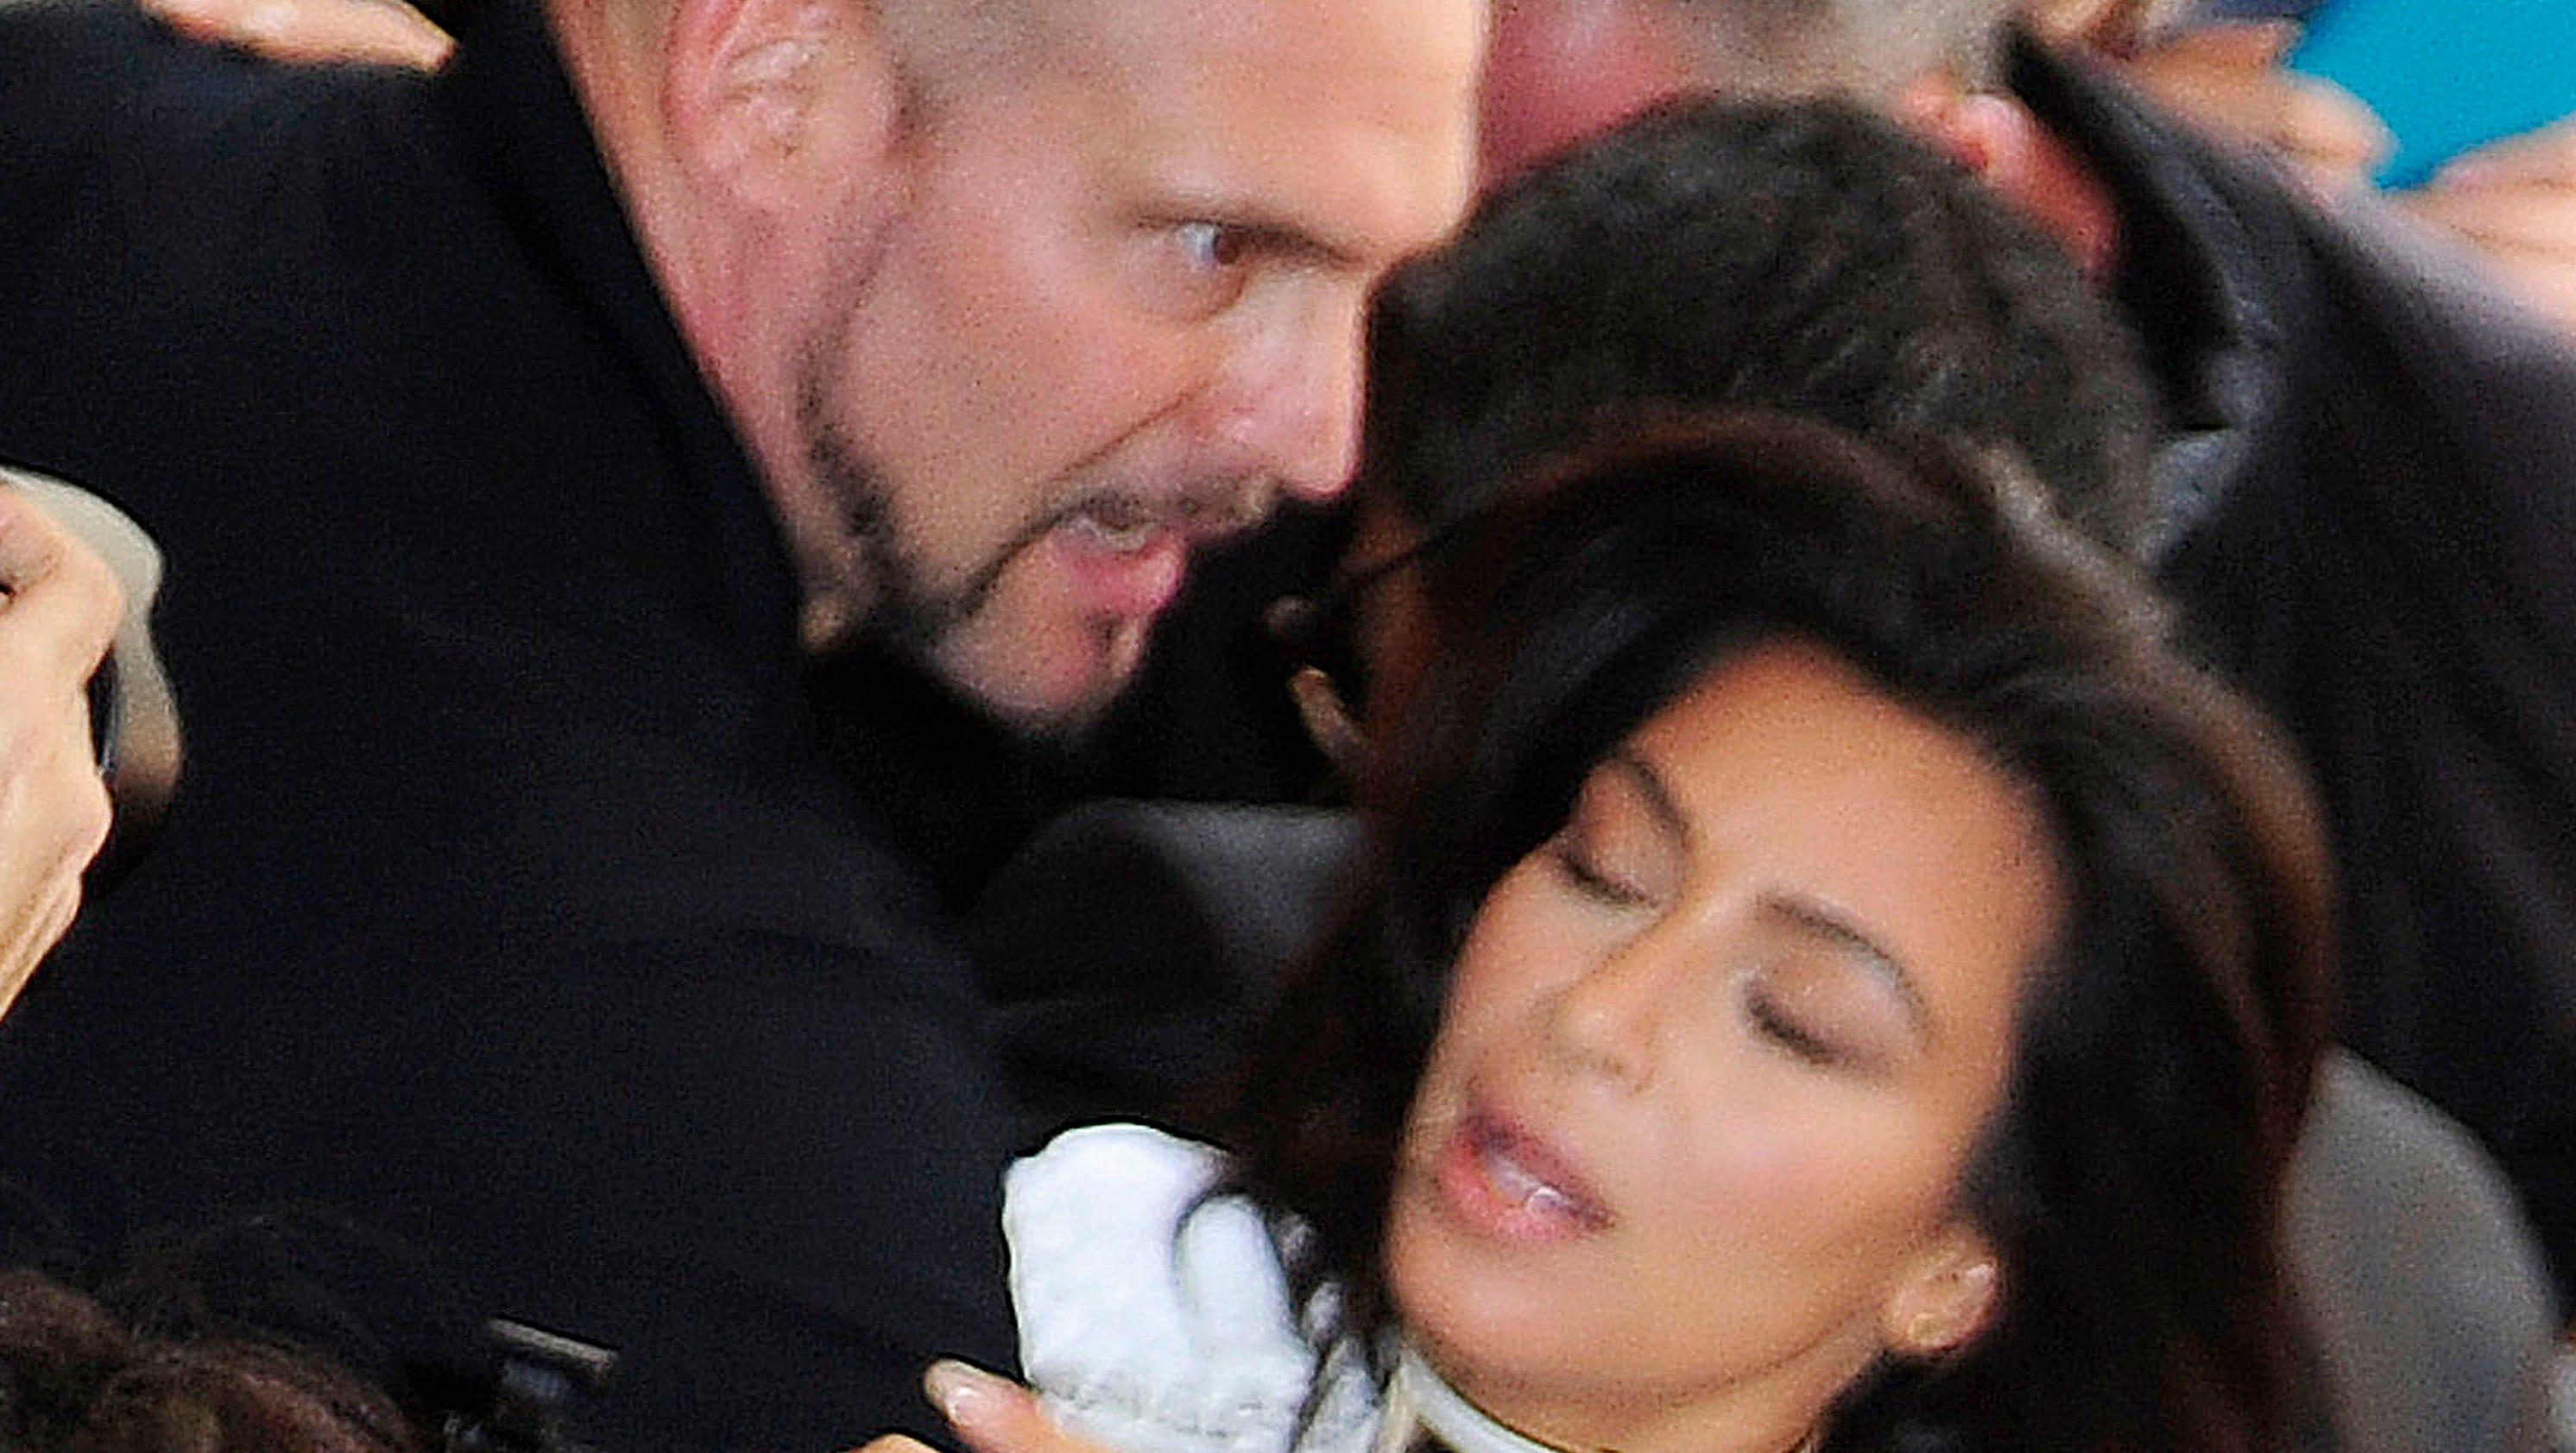 Celeb superlatives: Kim K. is tackled, Clooney weds